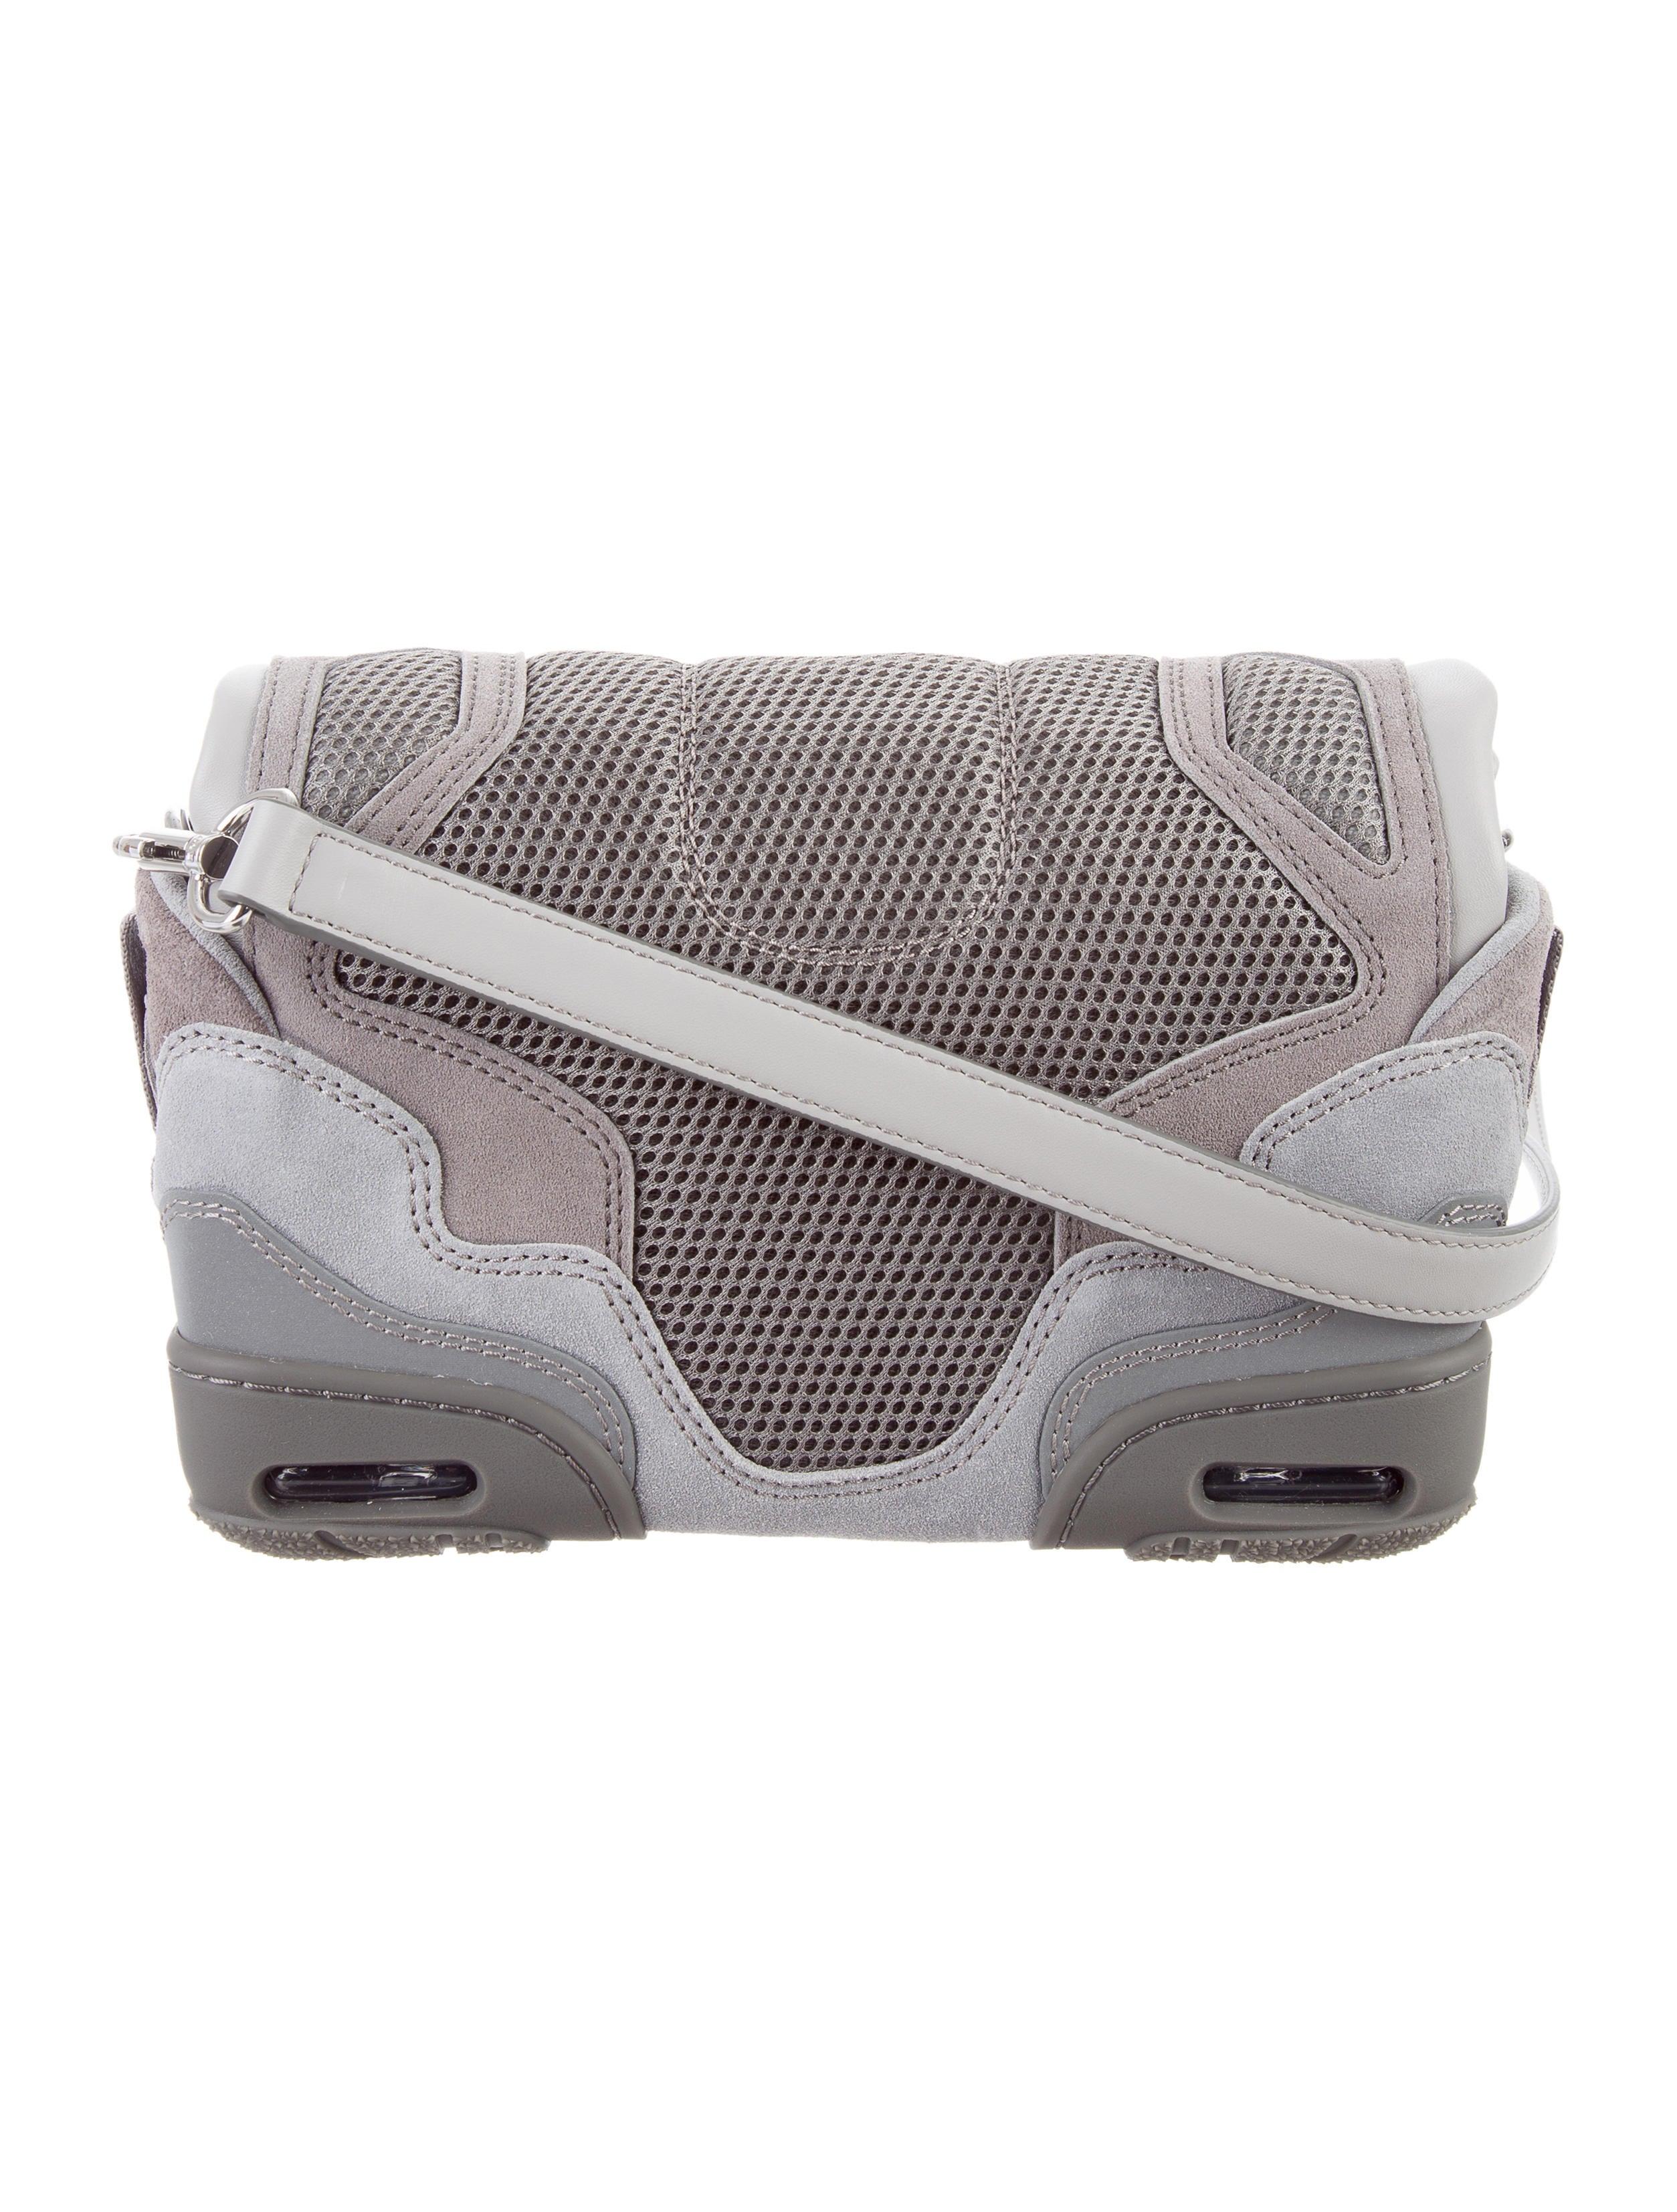 wang sneaker crossbody bag w tags handbags